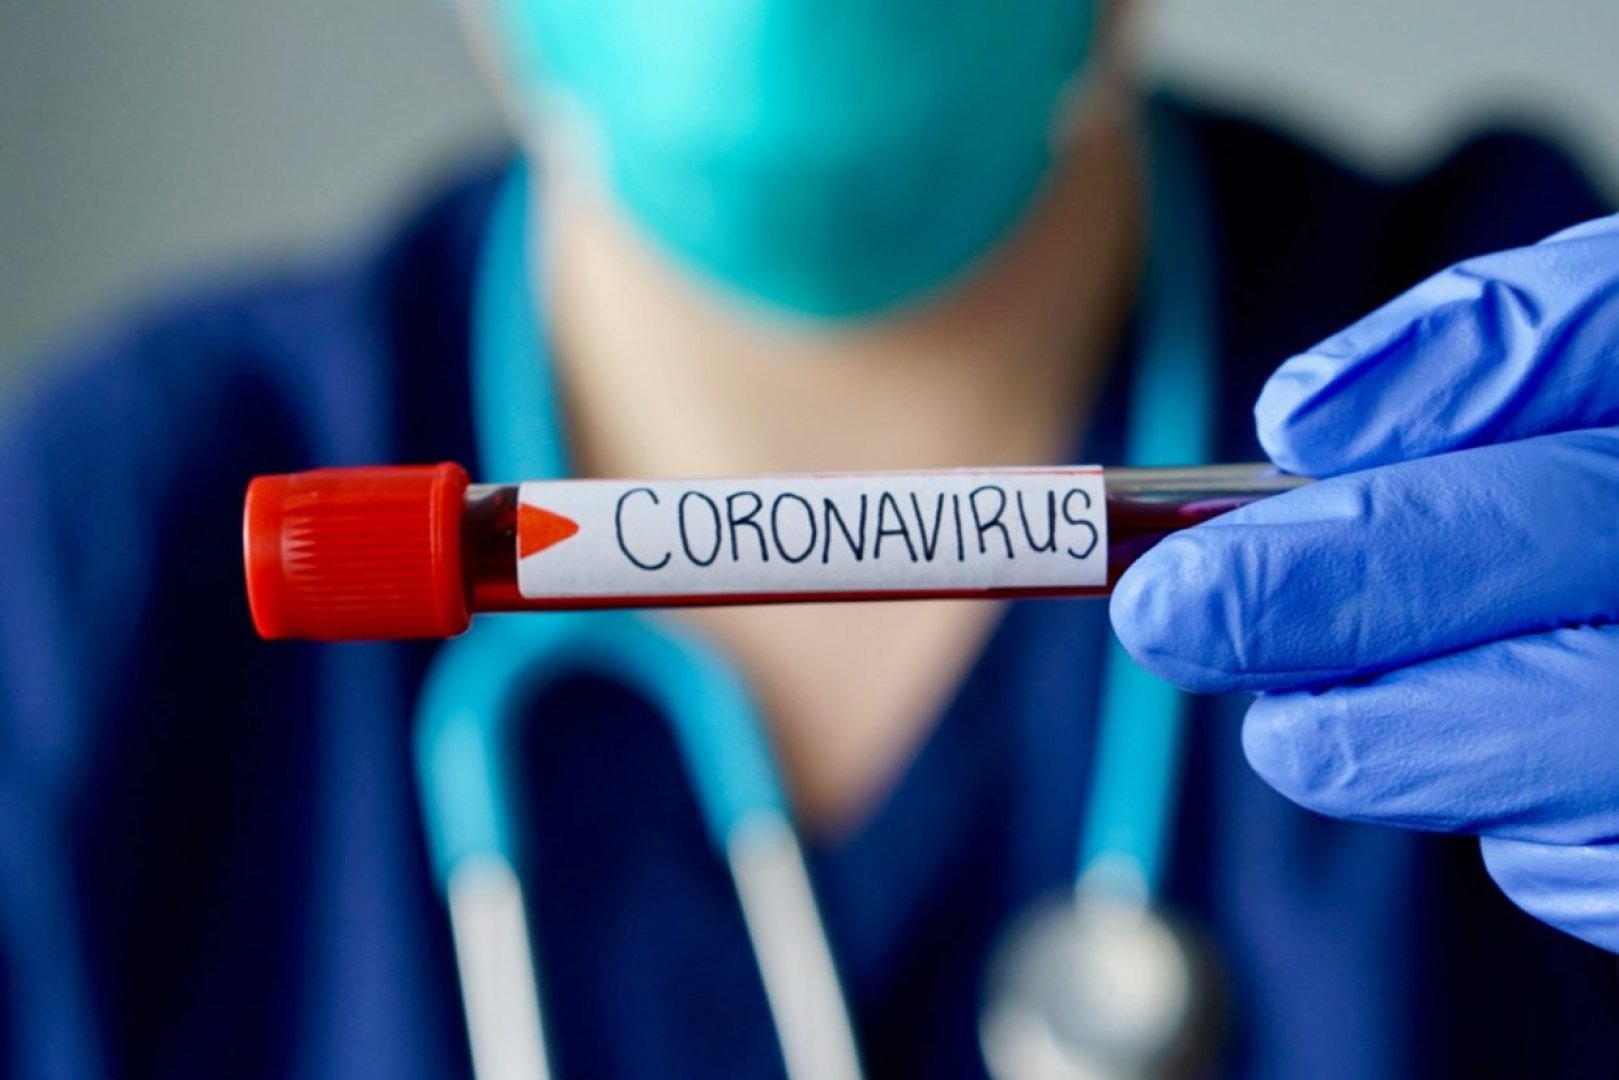 PCR е отчел наличие на корона вирусна инфекция в софиянеца. Снимката е илюстративна